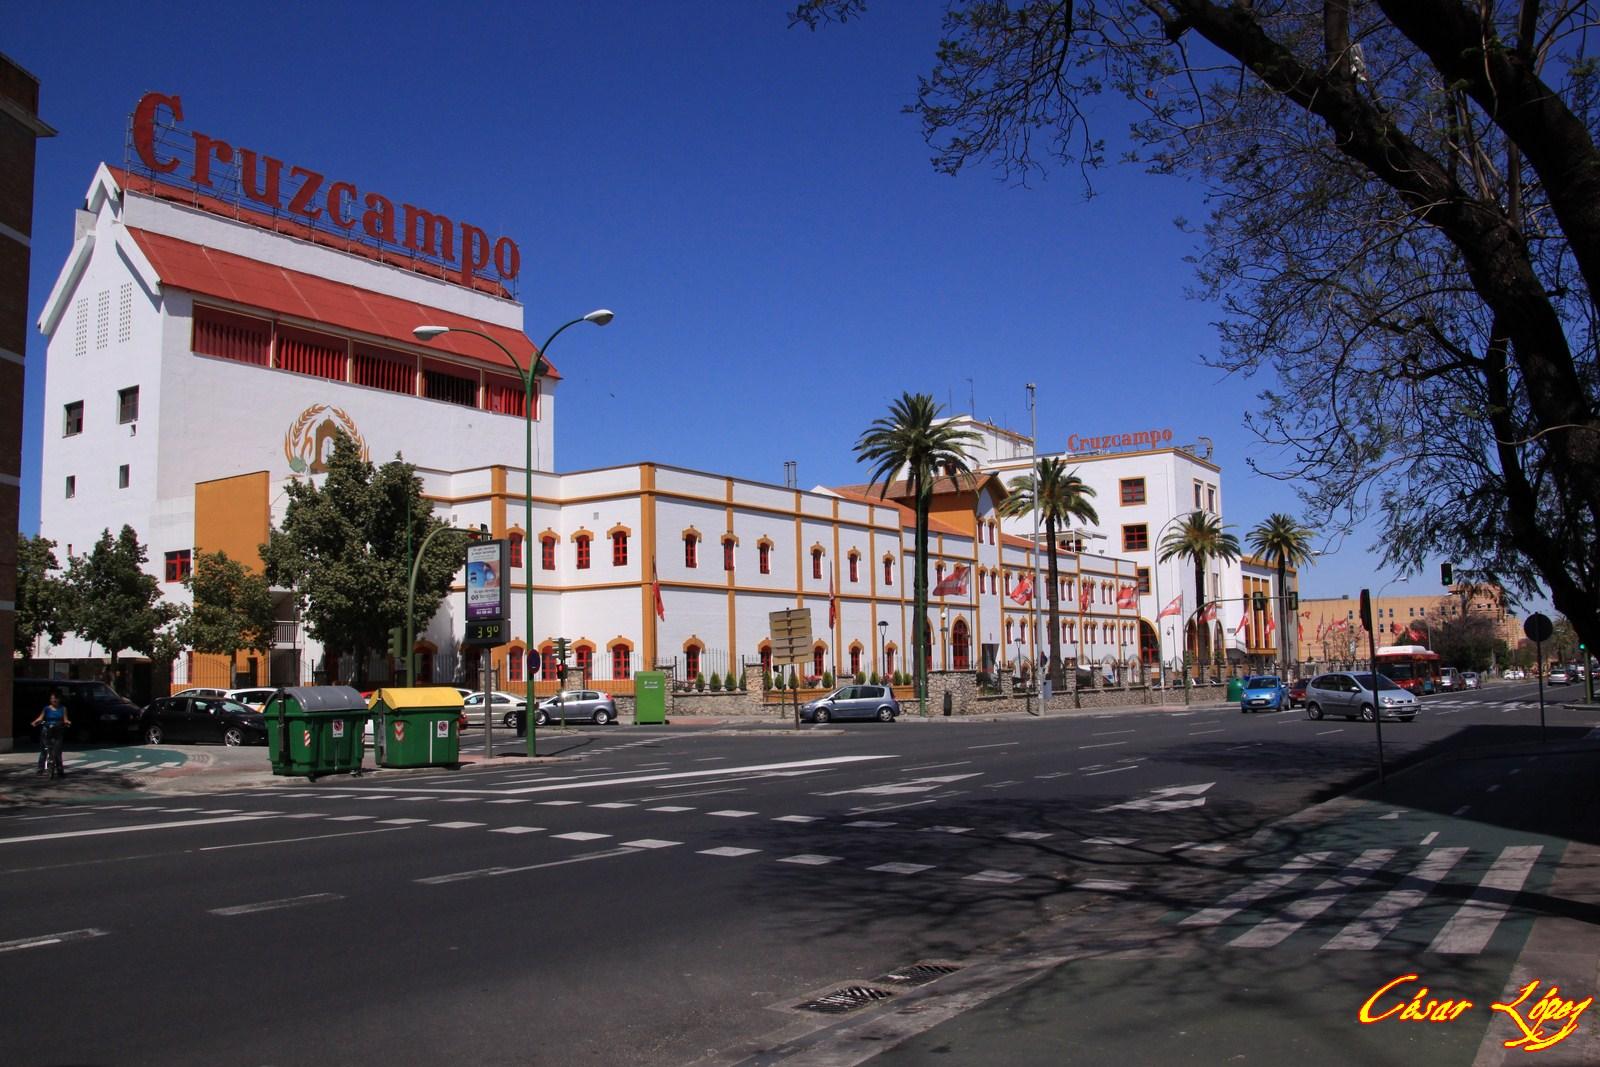 Sevilla andaluc a espa a fotos y consejos la cruz del campo for La fabrica del mueble sevilla